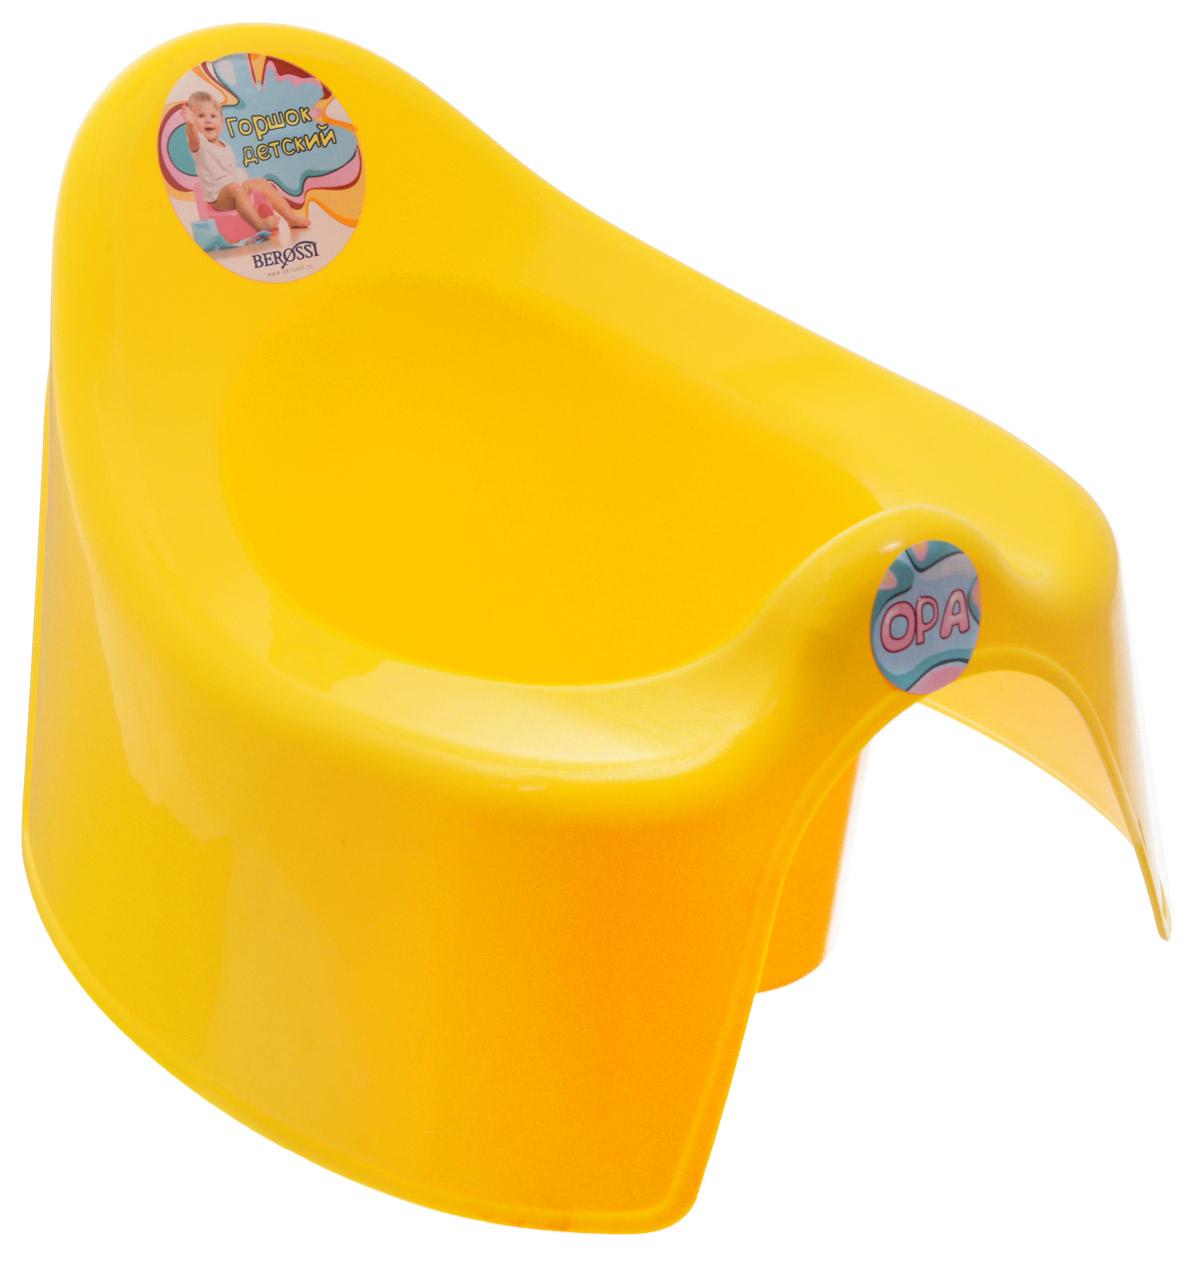 Berossi Горшок детский Opa цвет желтый